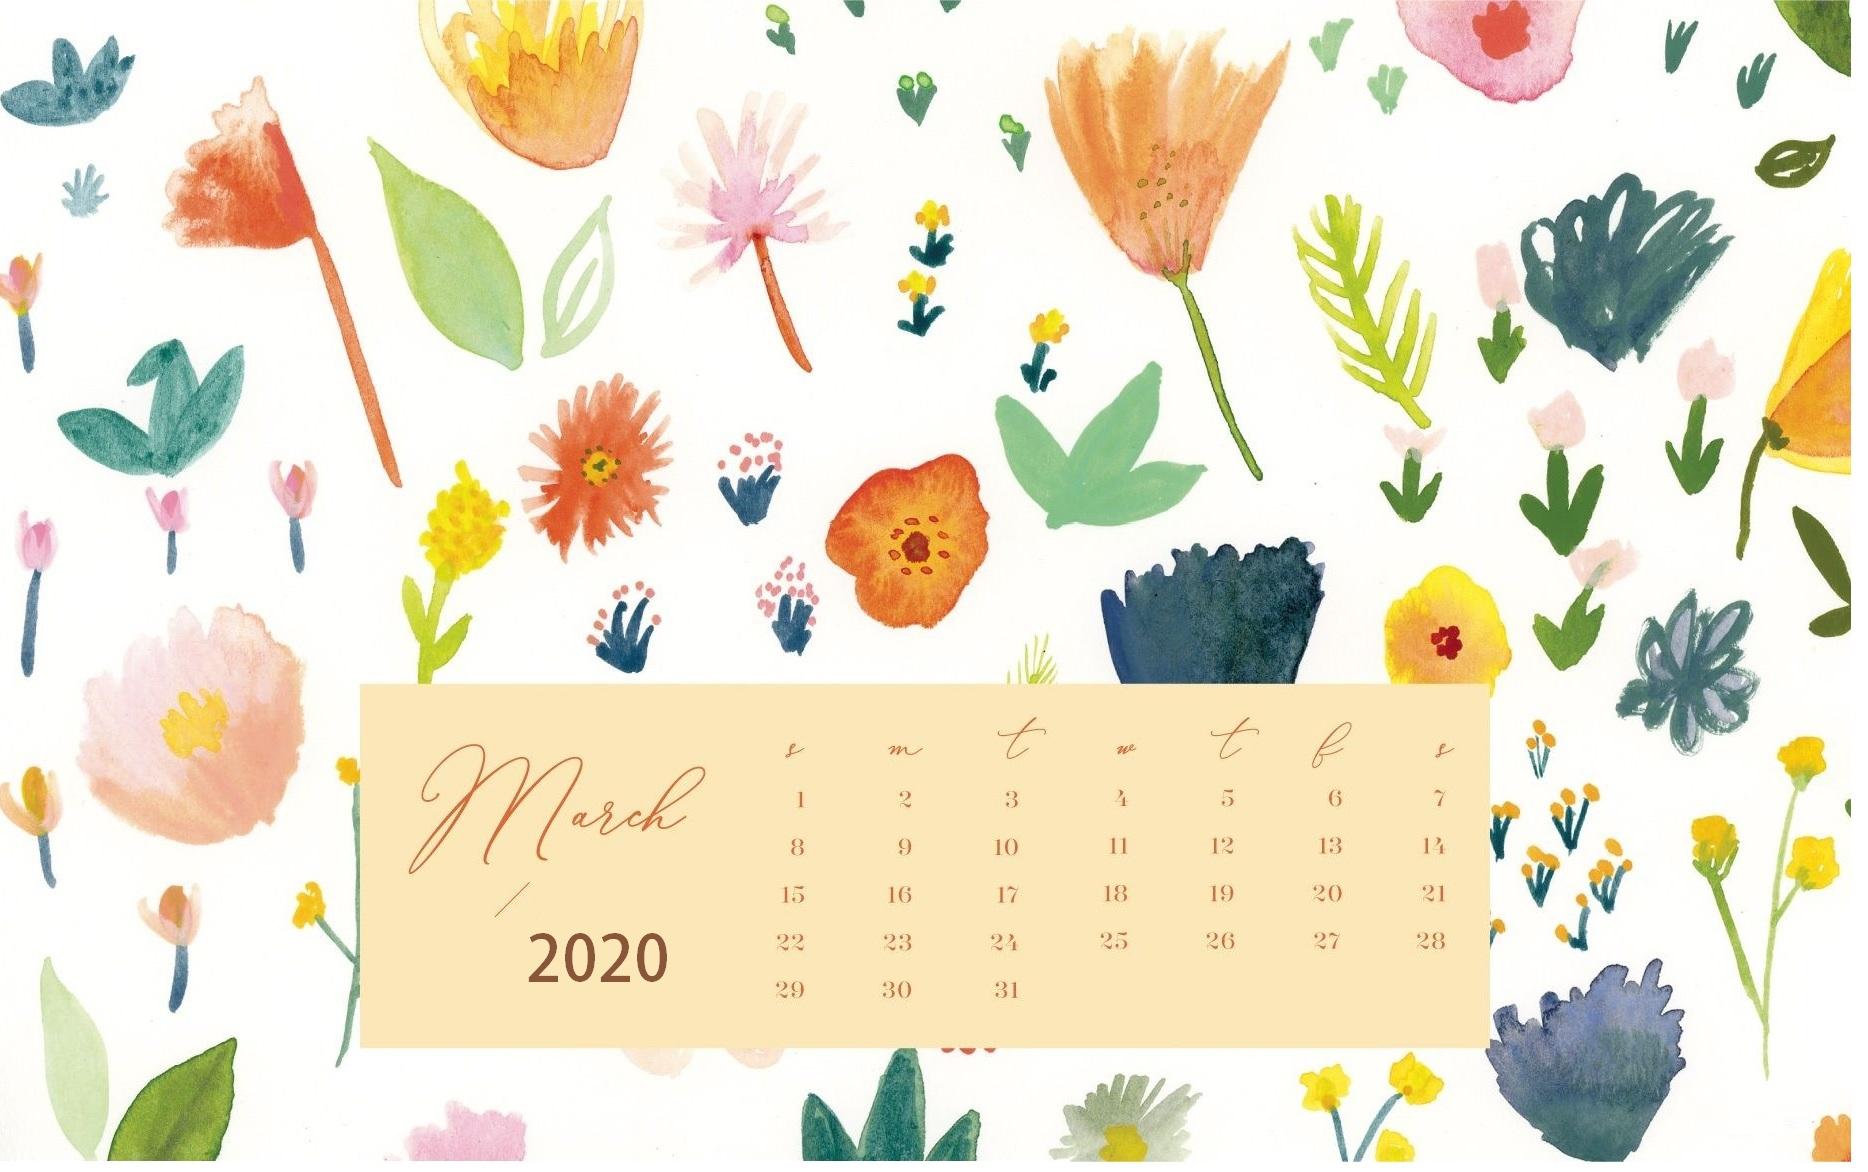 Cute 2020 Desktop Calendar Wallpaper Latest Calendar 1868x1172